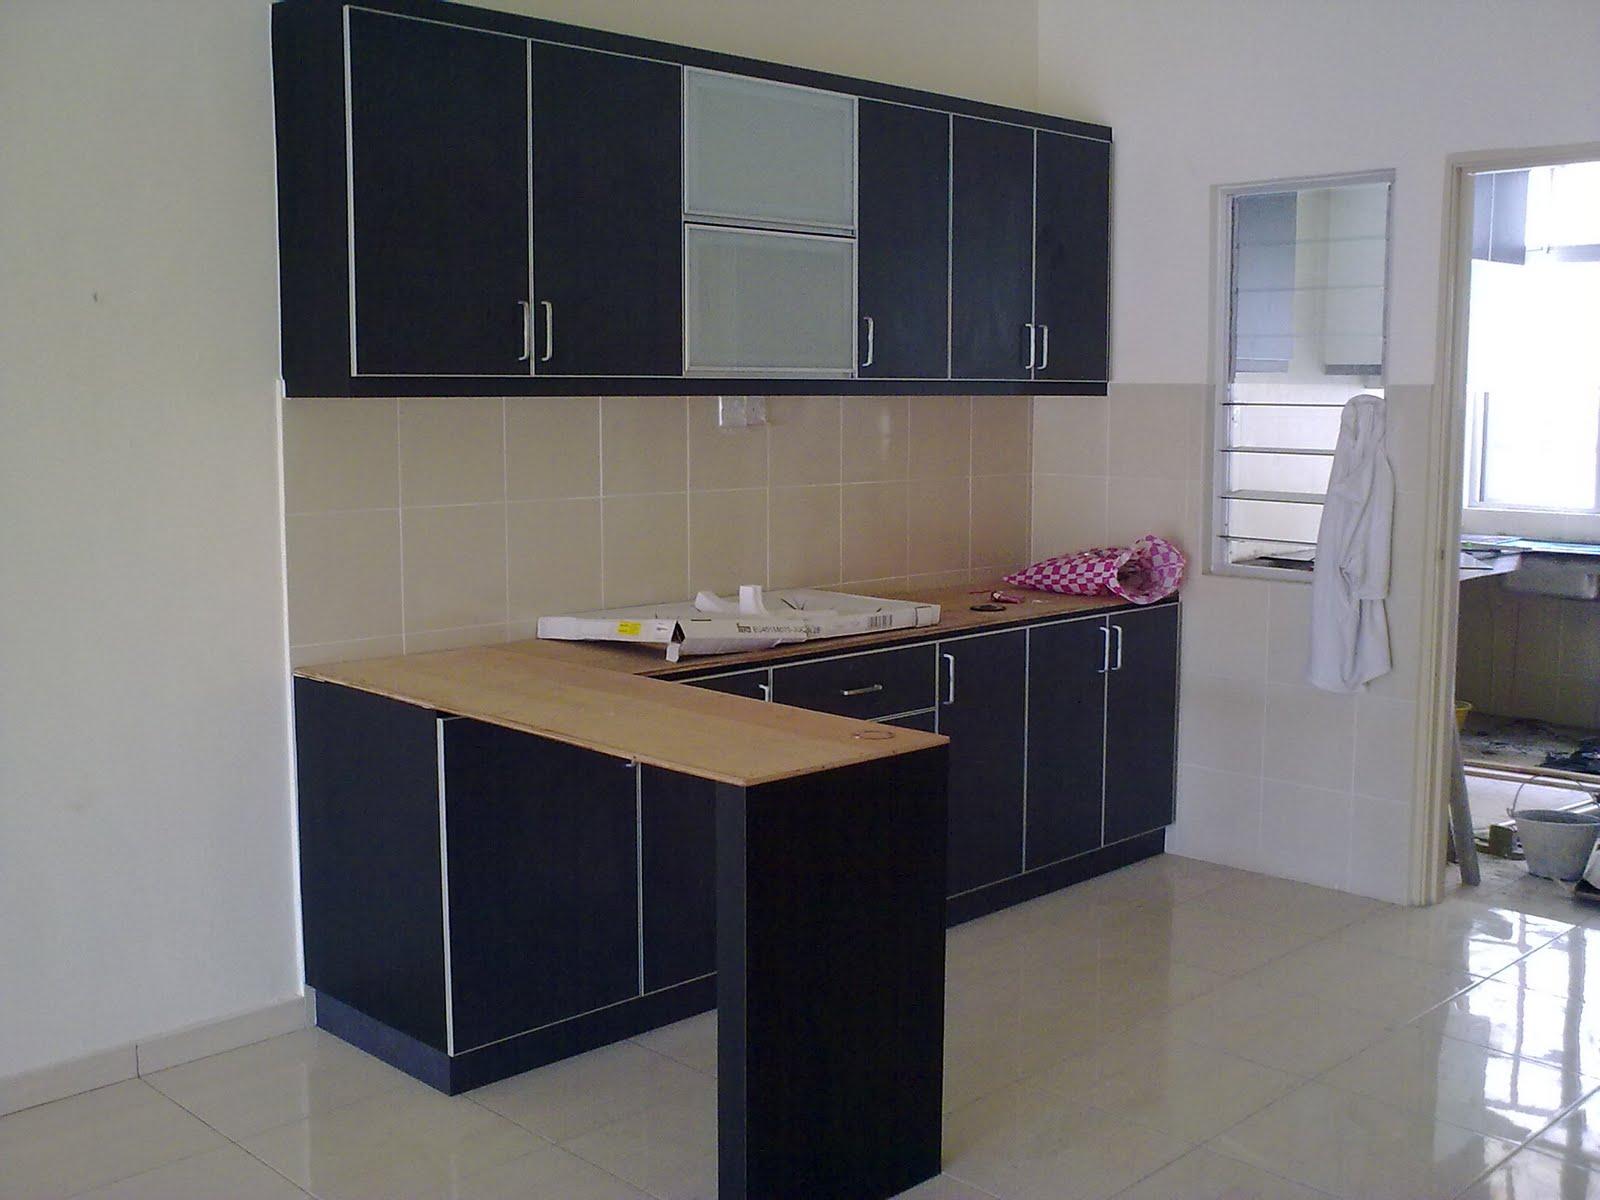 Ubah Suai Rumah Kabinet Dapur Wardrobe Dll